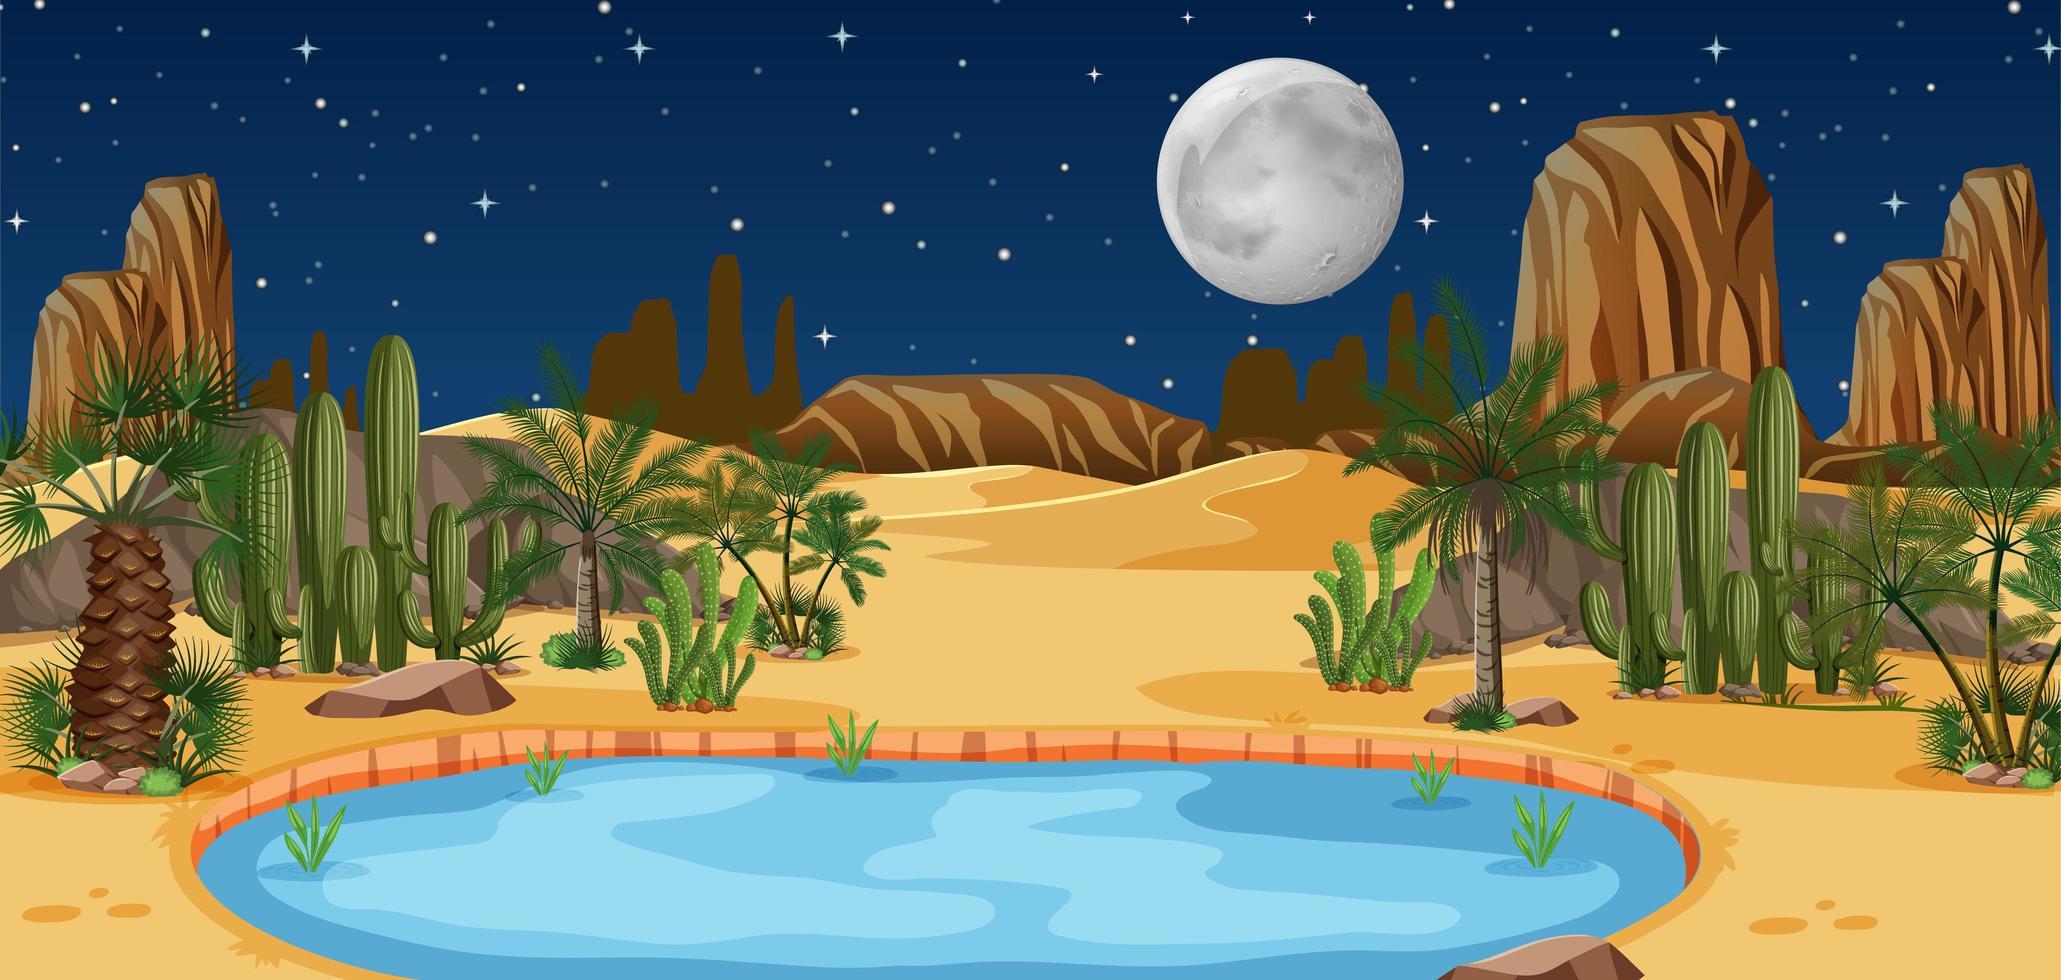 oasis du désert avec palmiers et paysage naturel de cactus vecteur